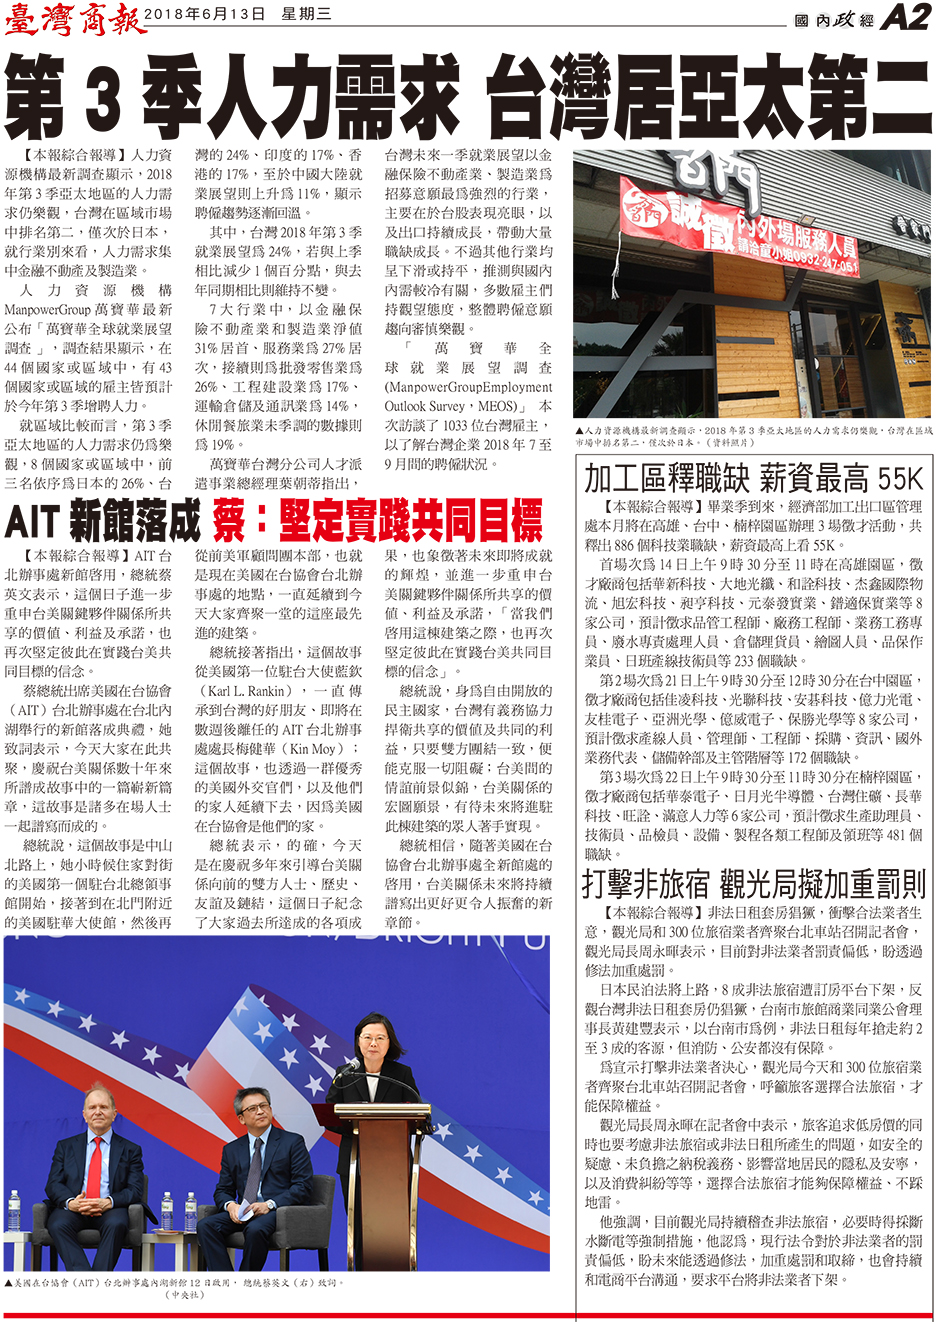 第 3 季人力需求 台灣居亞太第二